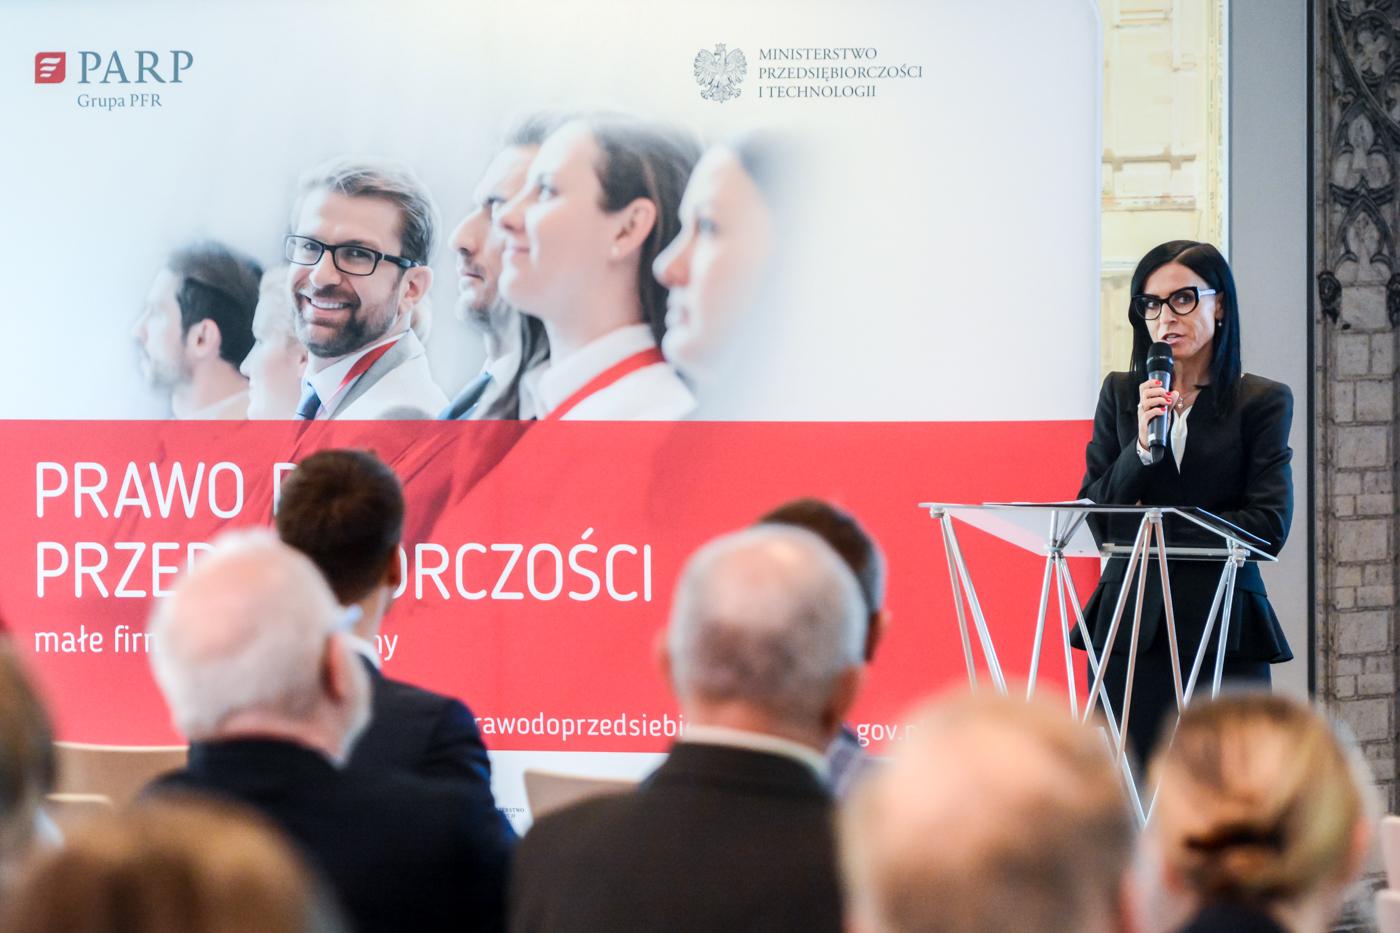 O dobry zmianach dla biznesu we Wrocławiu